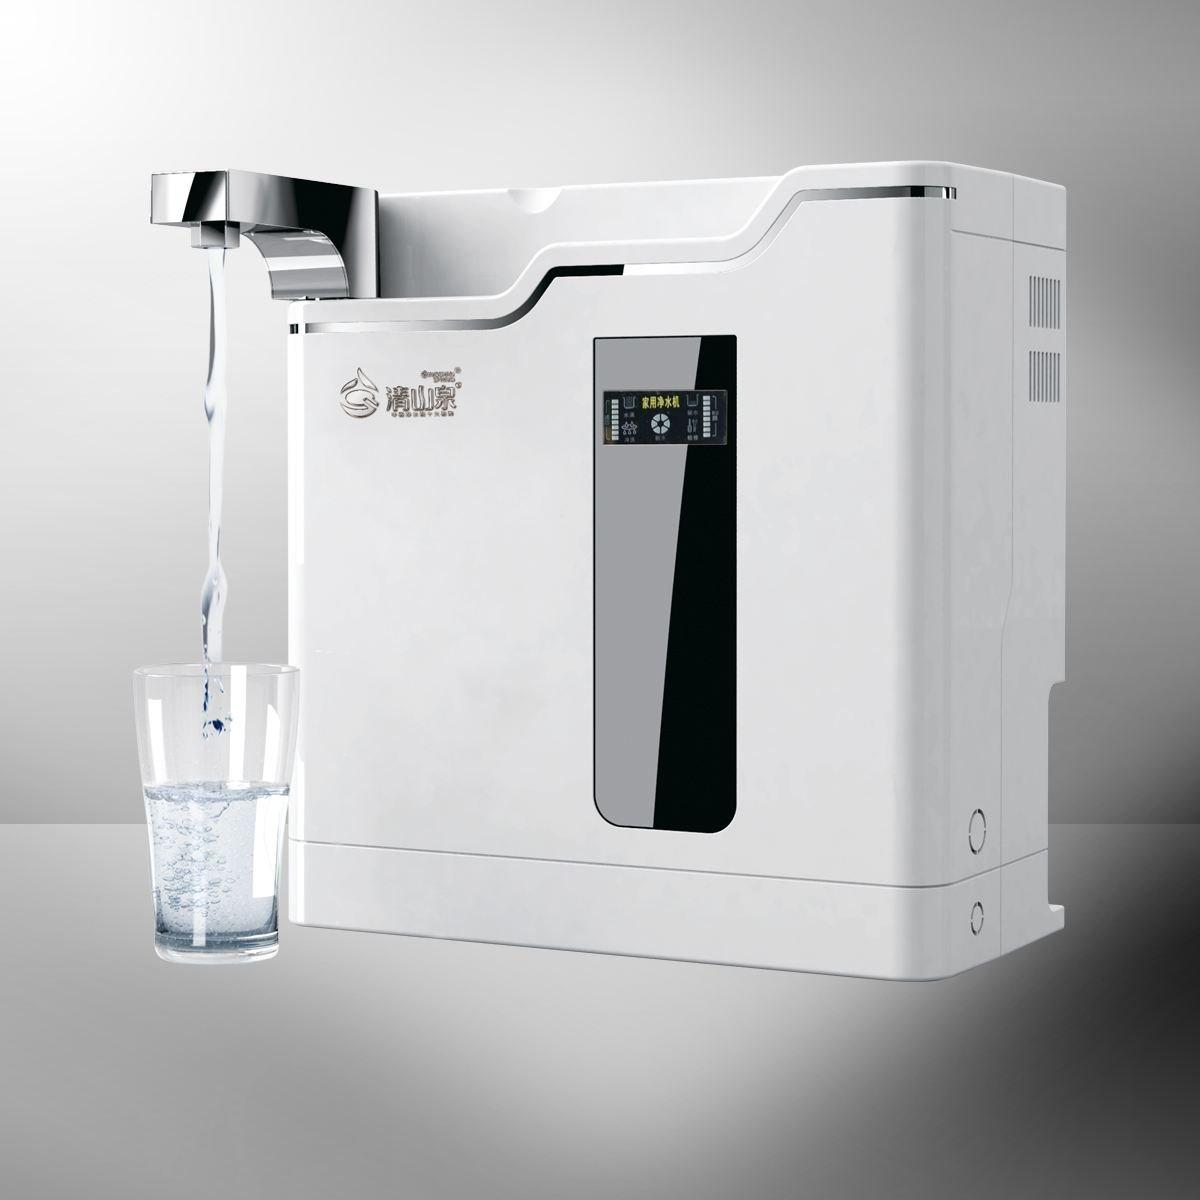 水管不清洗,家里的净水器换再多滤芯也没用!